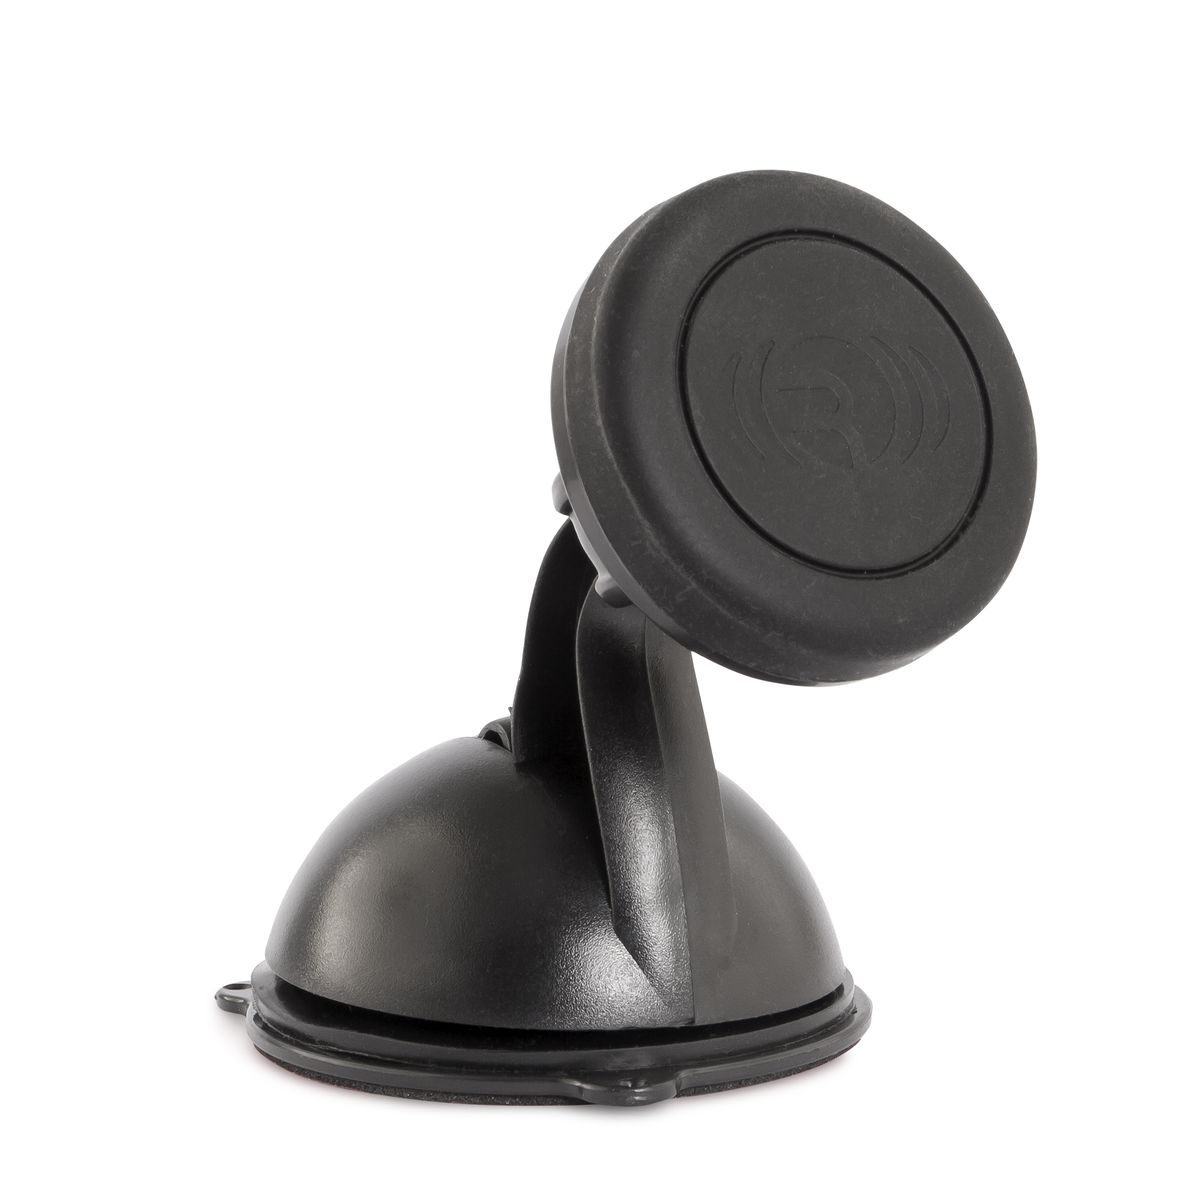 Rekam Magnitos M-3 универсальный магнитный держатель2301000203Rekam Magnitos M-3 - магнитный держатель для фиксации смартфона в салоне автомобиля. Основание держателя устанавливается на лобовомстекле при помощи присоски либо на приборной панели при помощи специальной накладки-липучки.Голова фиксатора оснащена постоянным неодимовым магнитом, который известен высокой силой намагничивания и не оказывает влияния наэлектронику. Магнит надежно удерживает смартфон во время движения автомобиля, в том числе по неровным участками, и в то же времяпозволяет легко снимать и устанавливать ваше устройство.Подвижное основание магнитной головы позволяет свободно регулировать угол наклона смартфона.Смартфон устанавливается на держатель при помощи специальной металлической пластины, которая крепится на задней поверхности смартфонапри помощи липучки либо фиксируется на внутренней поверхности чехла или крышки.